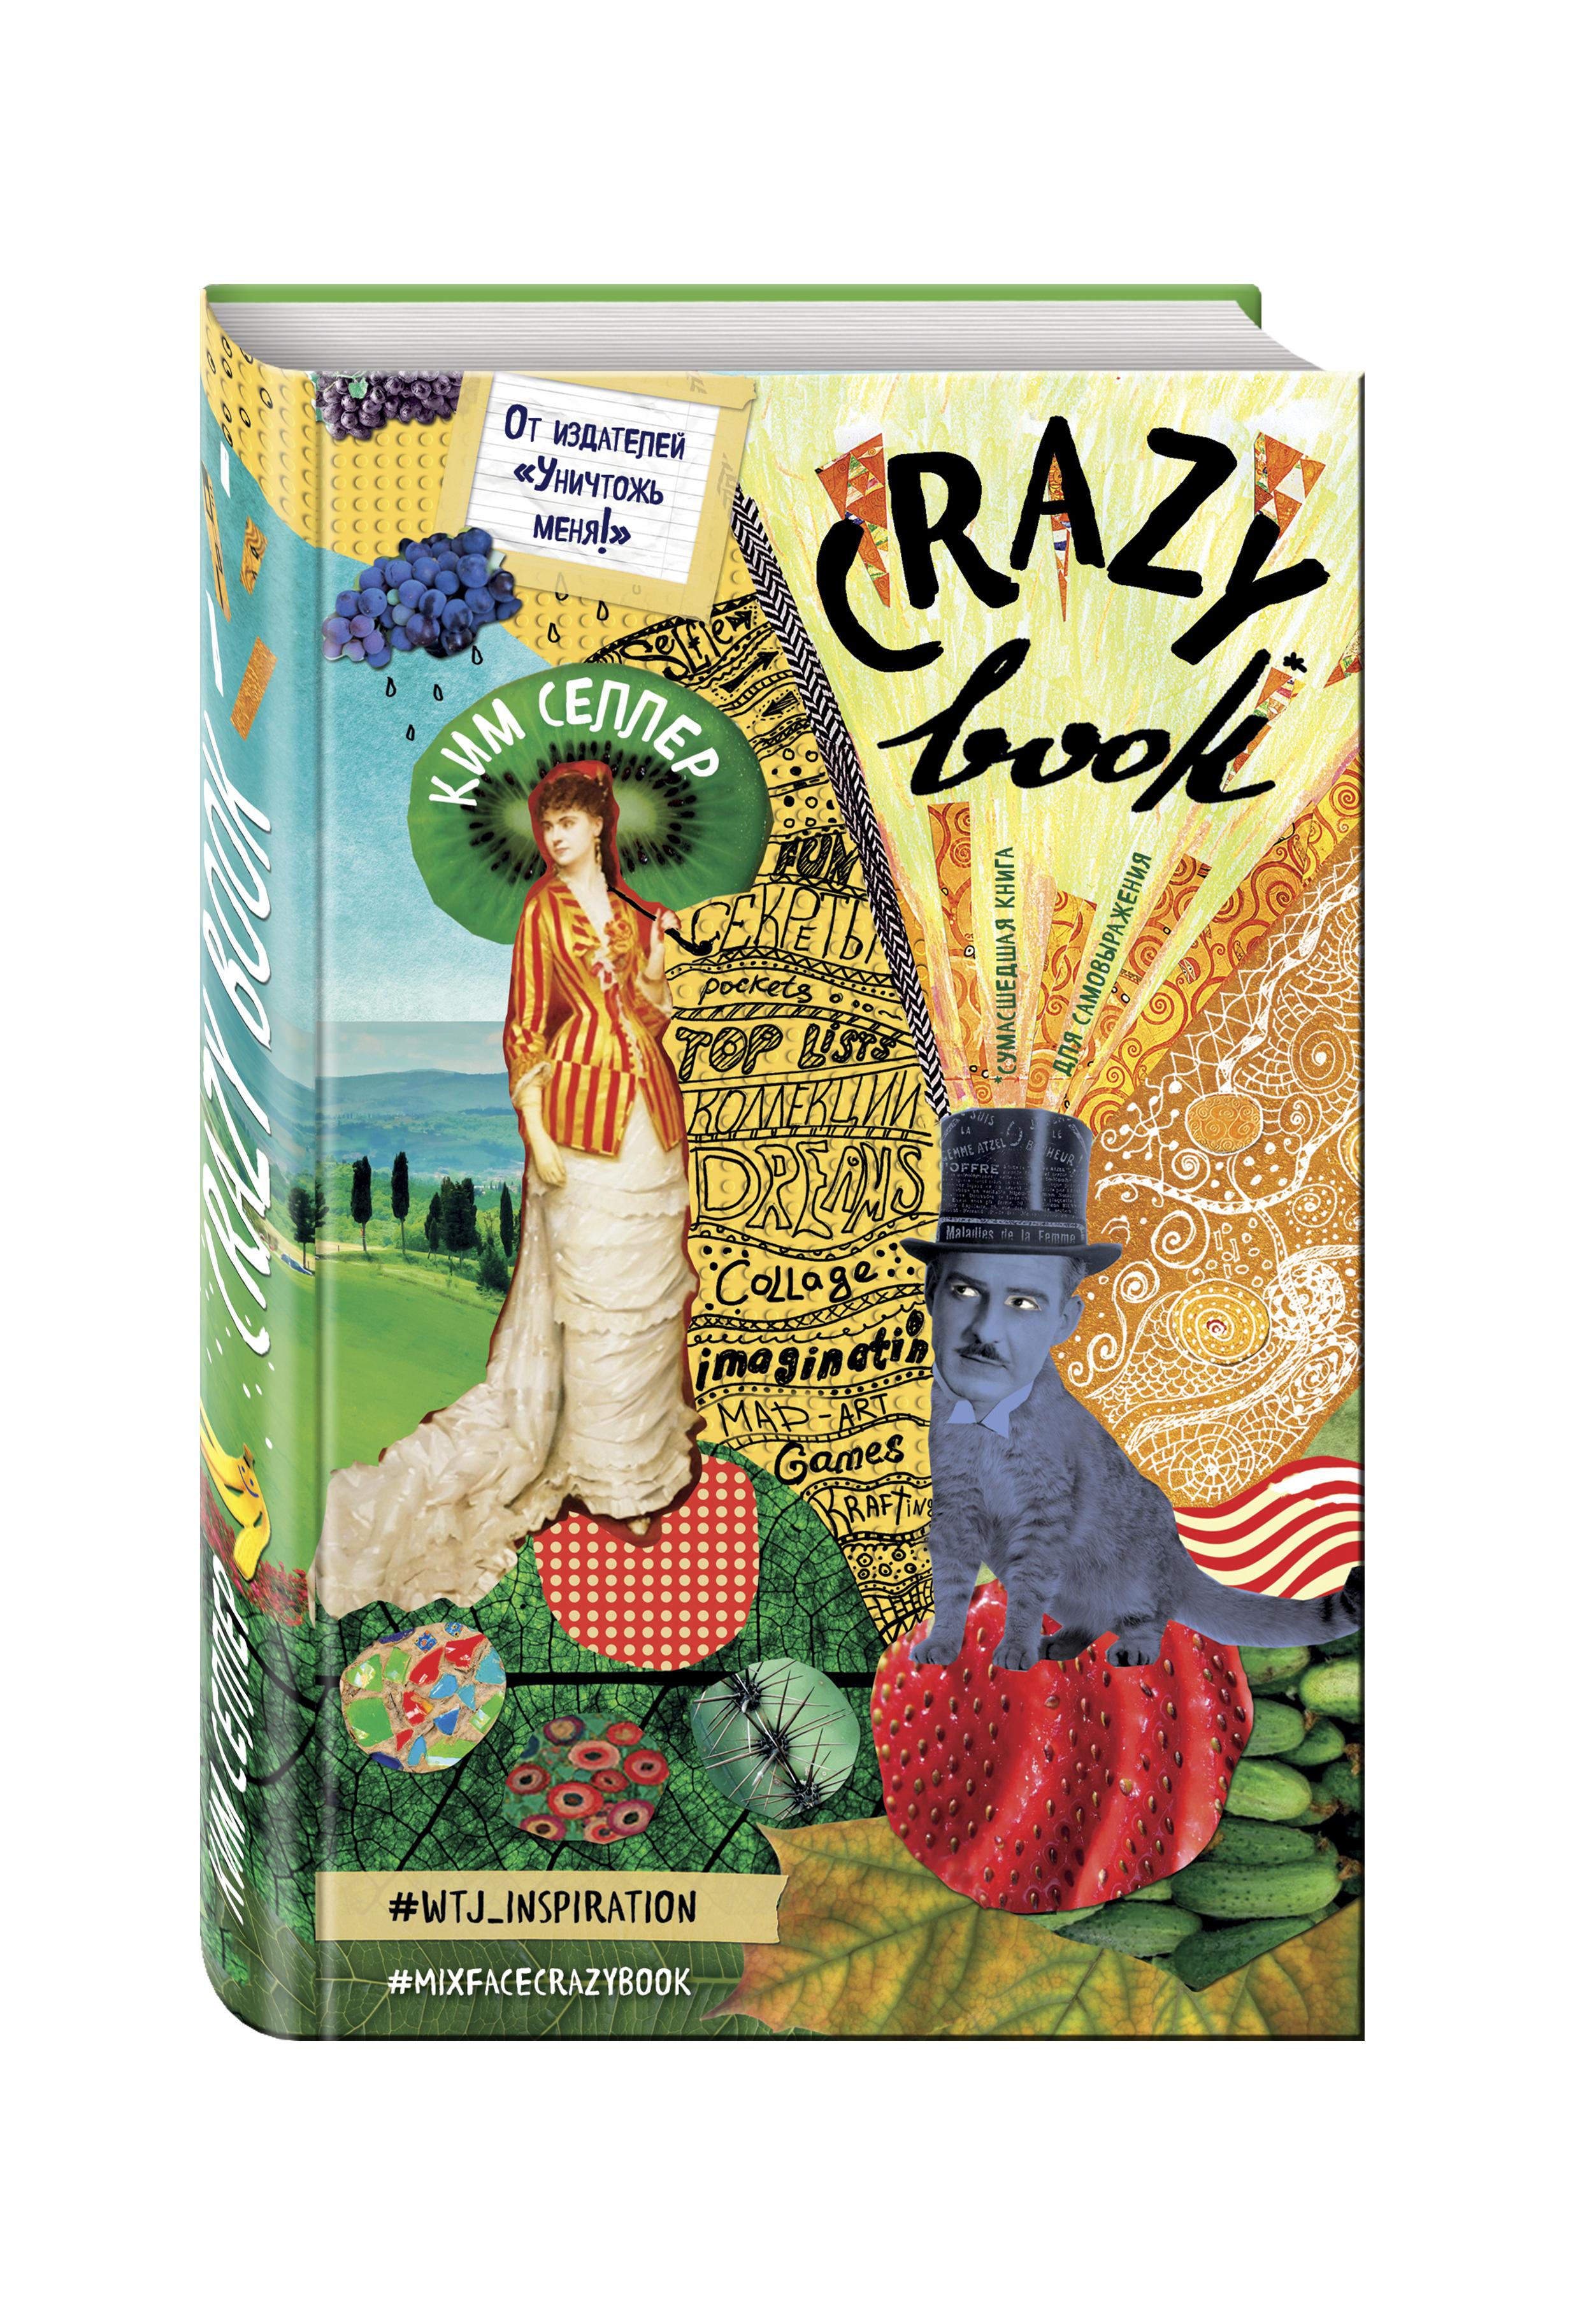 Селлер К. Crazy book. Сумасшедшая книга для самовыражения (обложка с коллажем)